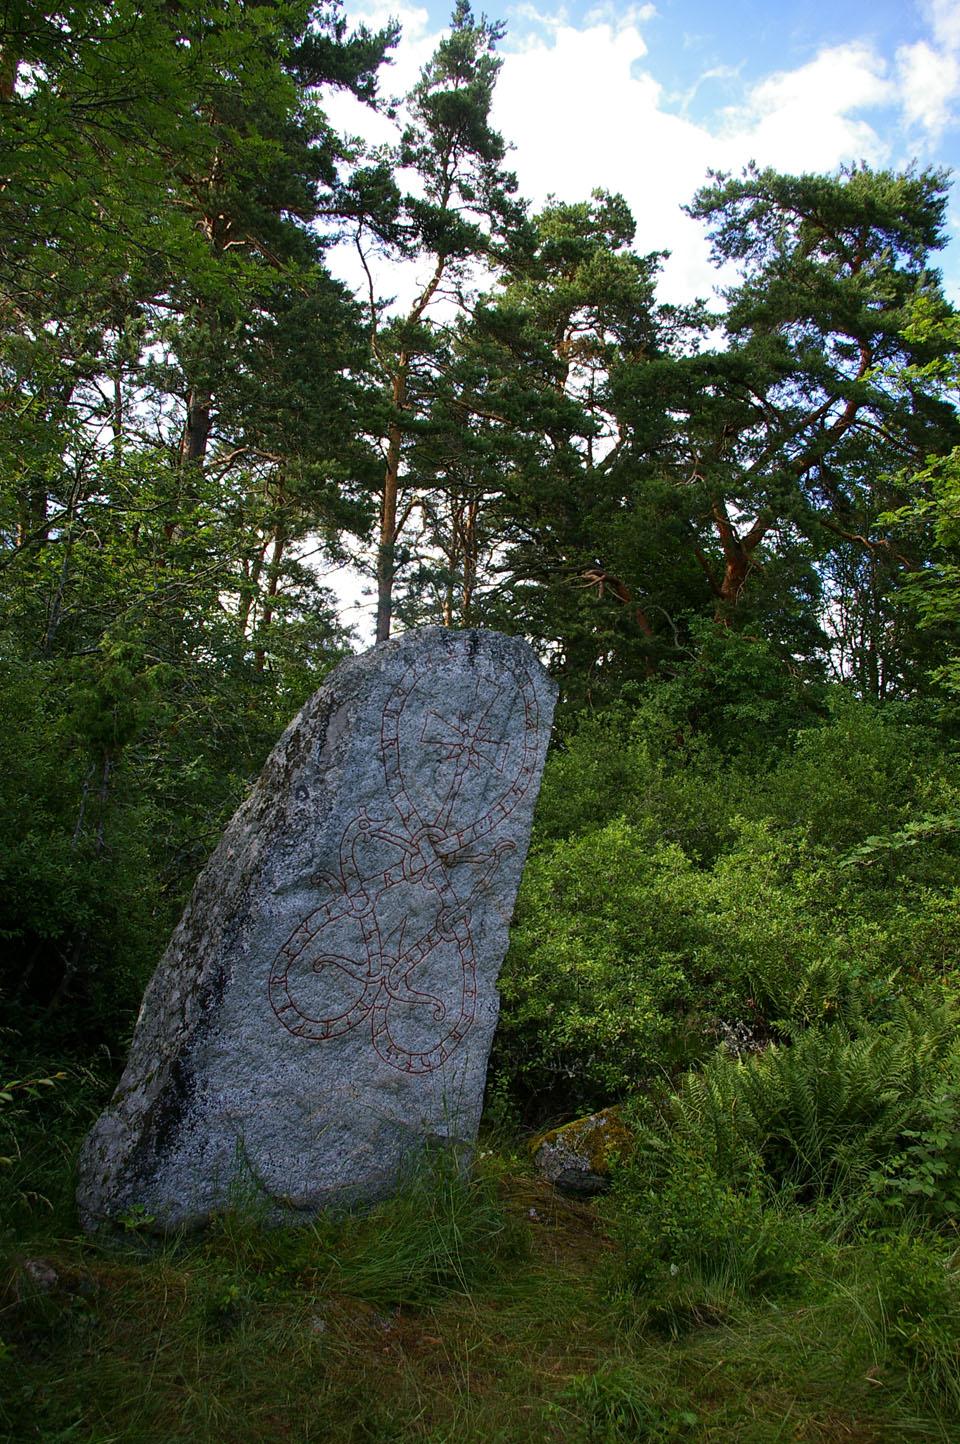 06.28.07.Runestone.188.jpg